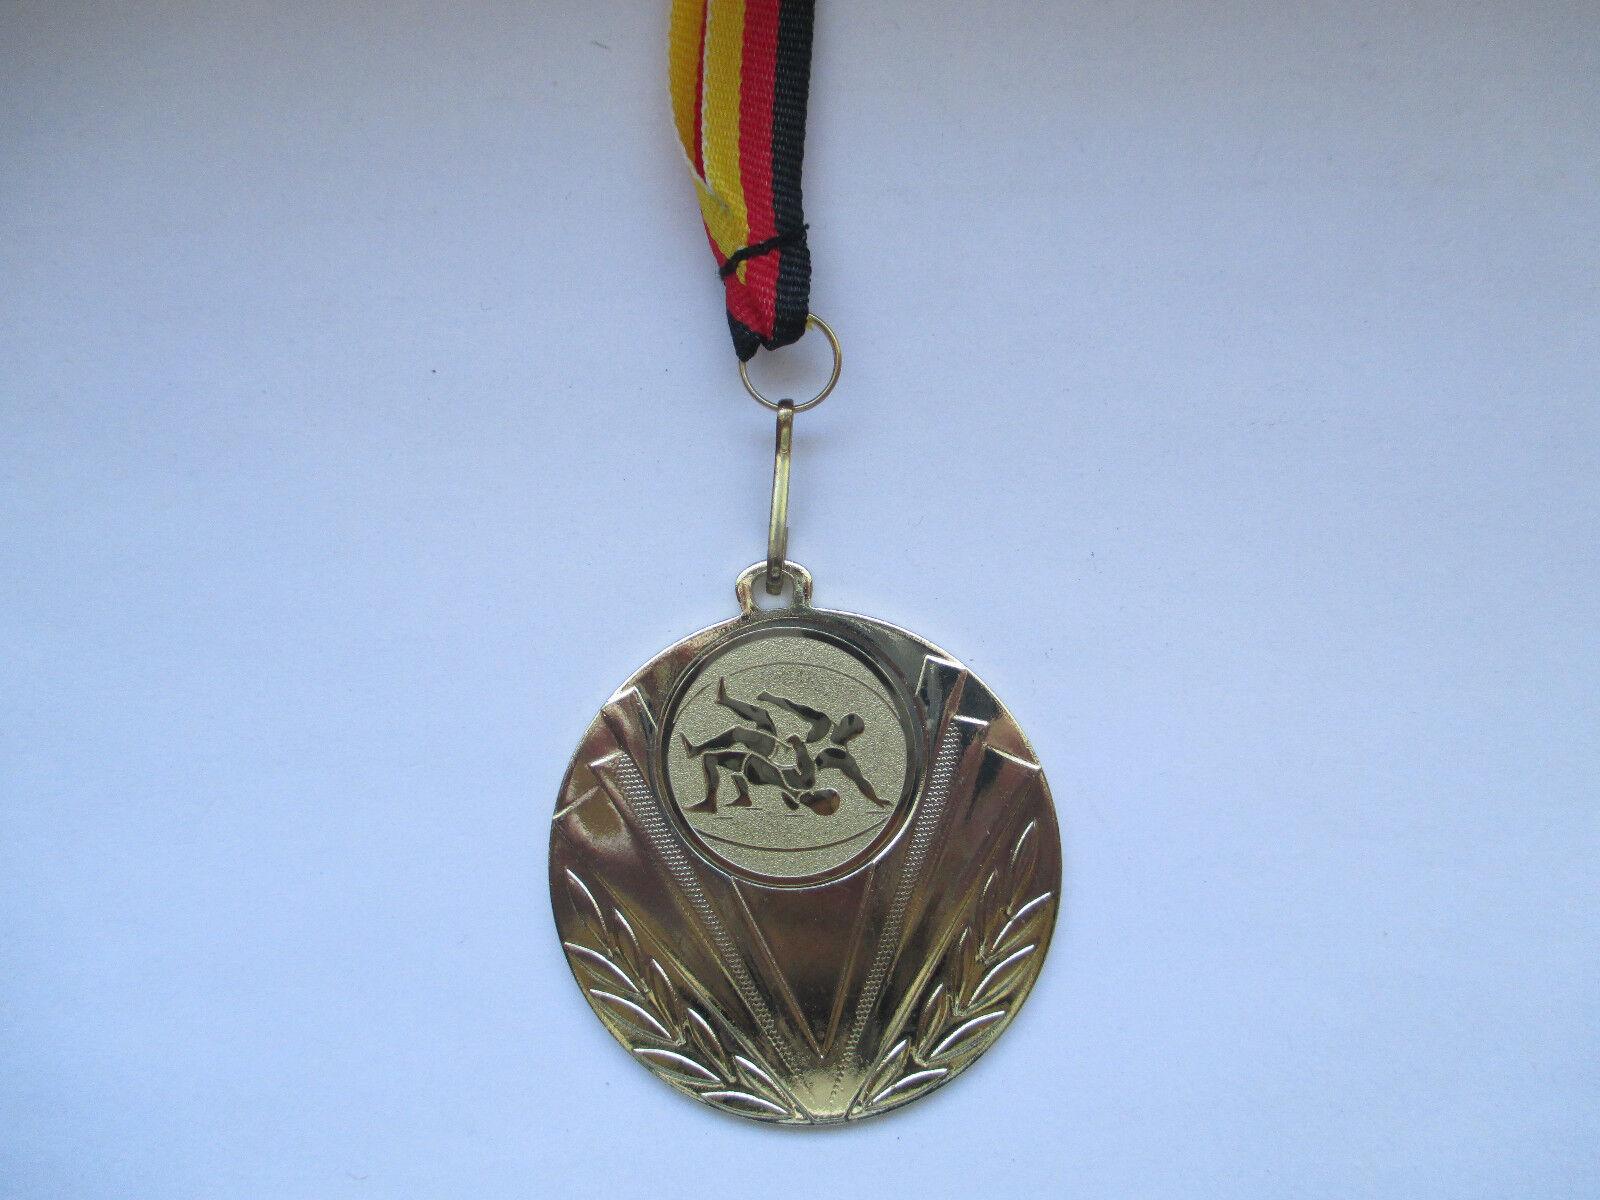 Ringen Pokal Pokal Pokal Kids 100 x Medaillen Deutschland-Bändern Turnier Ringensport (e247) c22a82